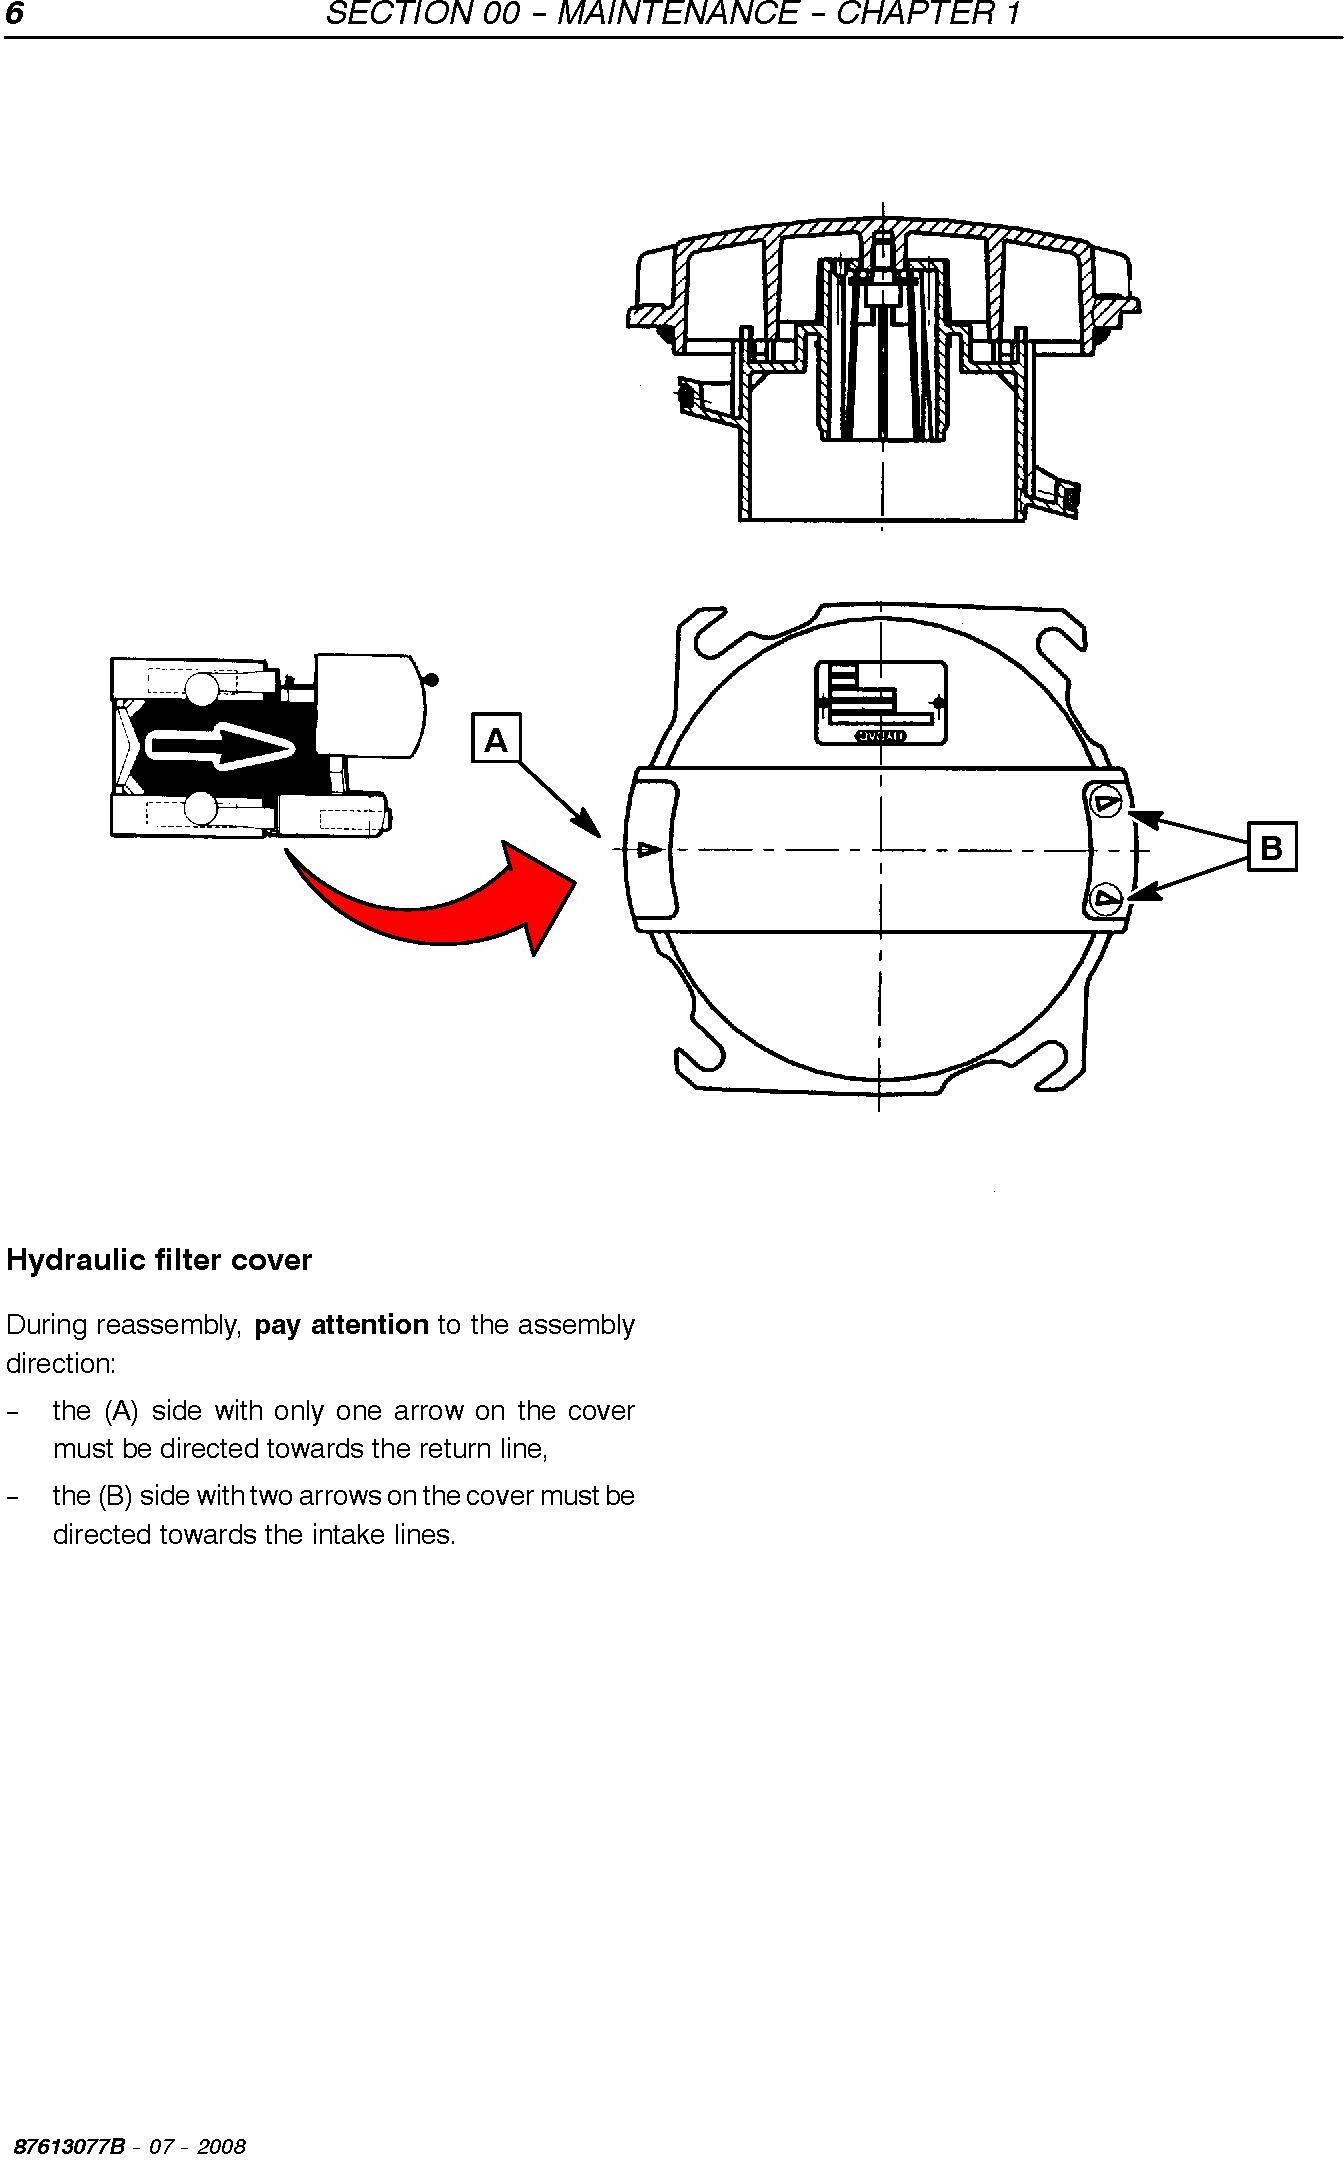 New Holland VL5060, VL5070, VL5080, VM3080 Grape Harvester Service Manual - 2